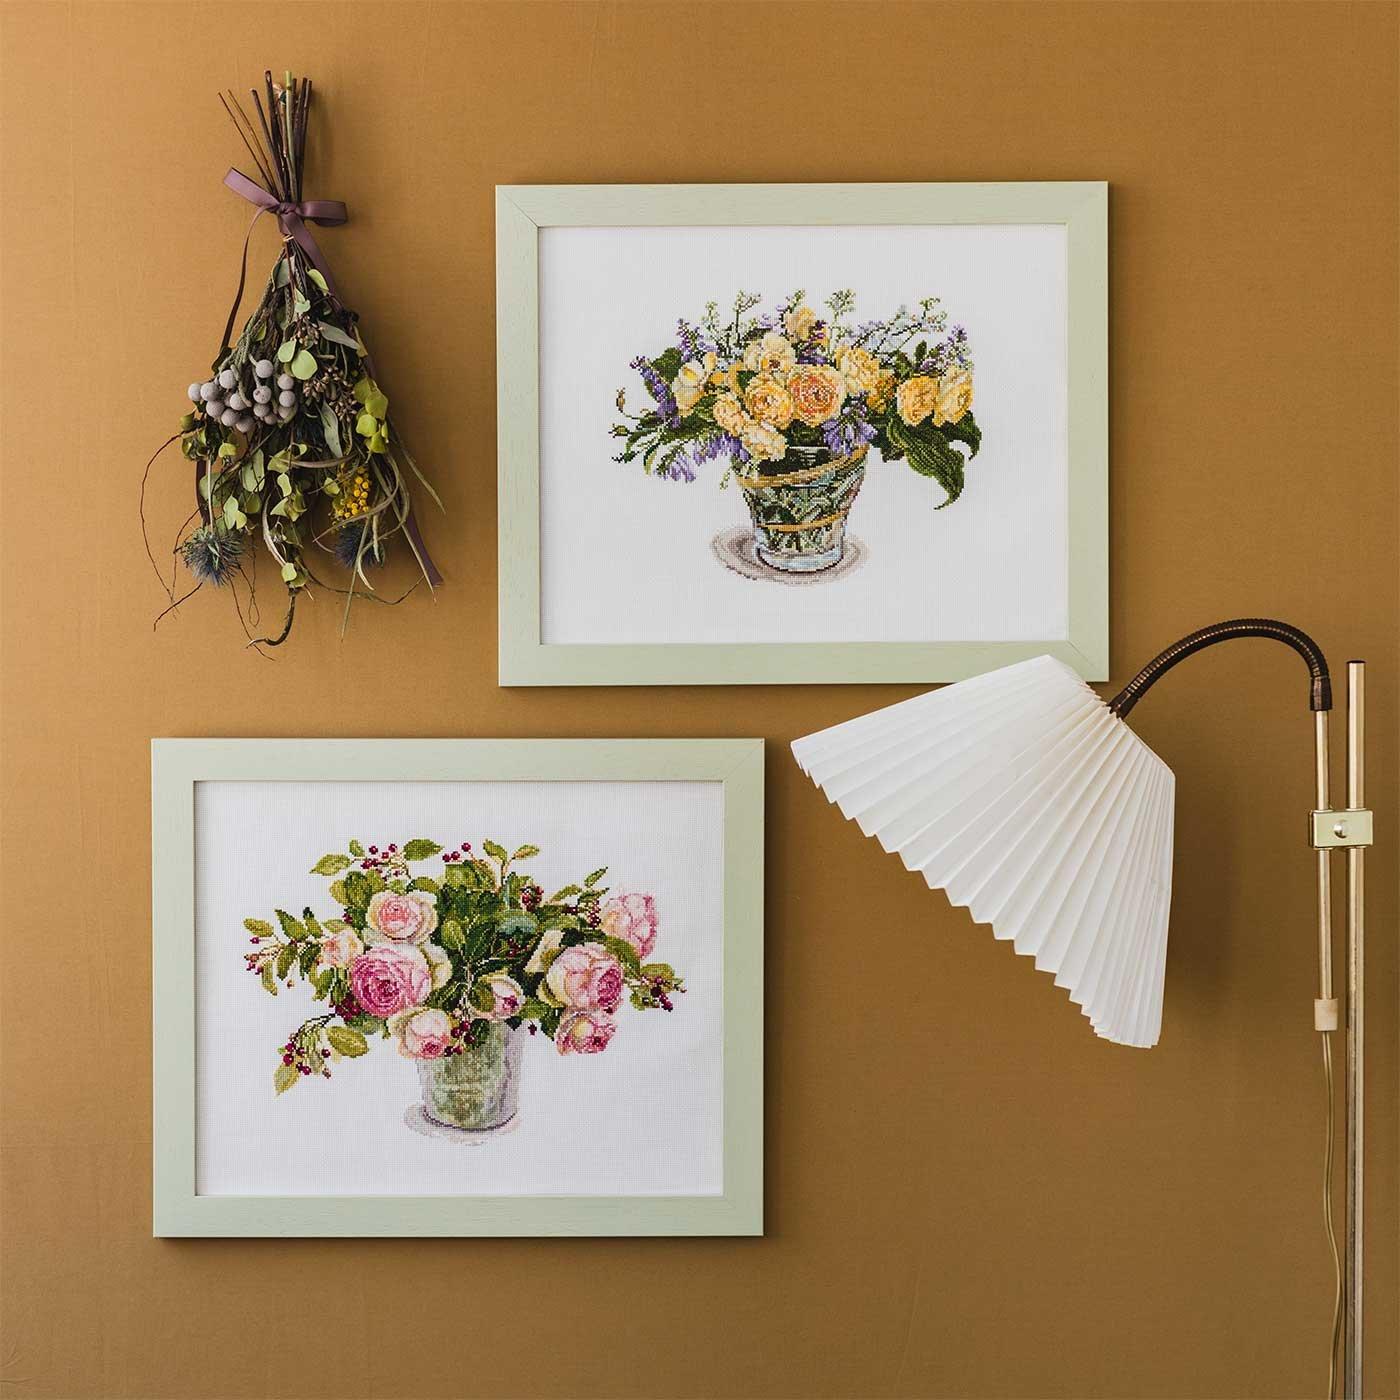 みずみずしい花の水彩画 Fujicoコレクション クロスステッチキット